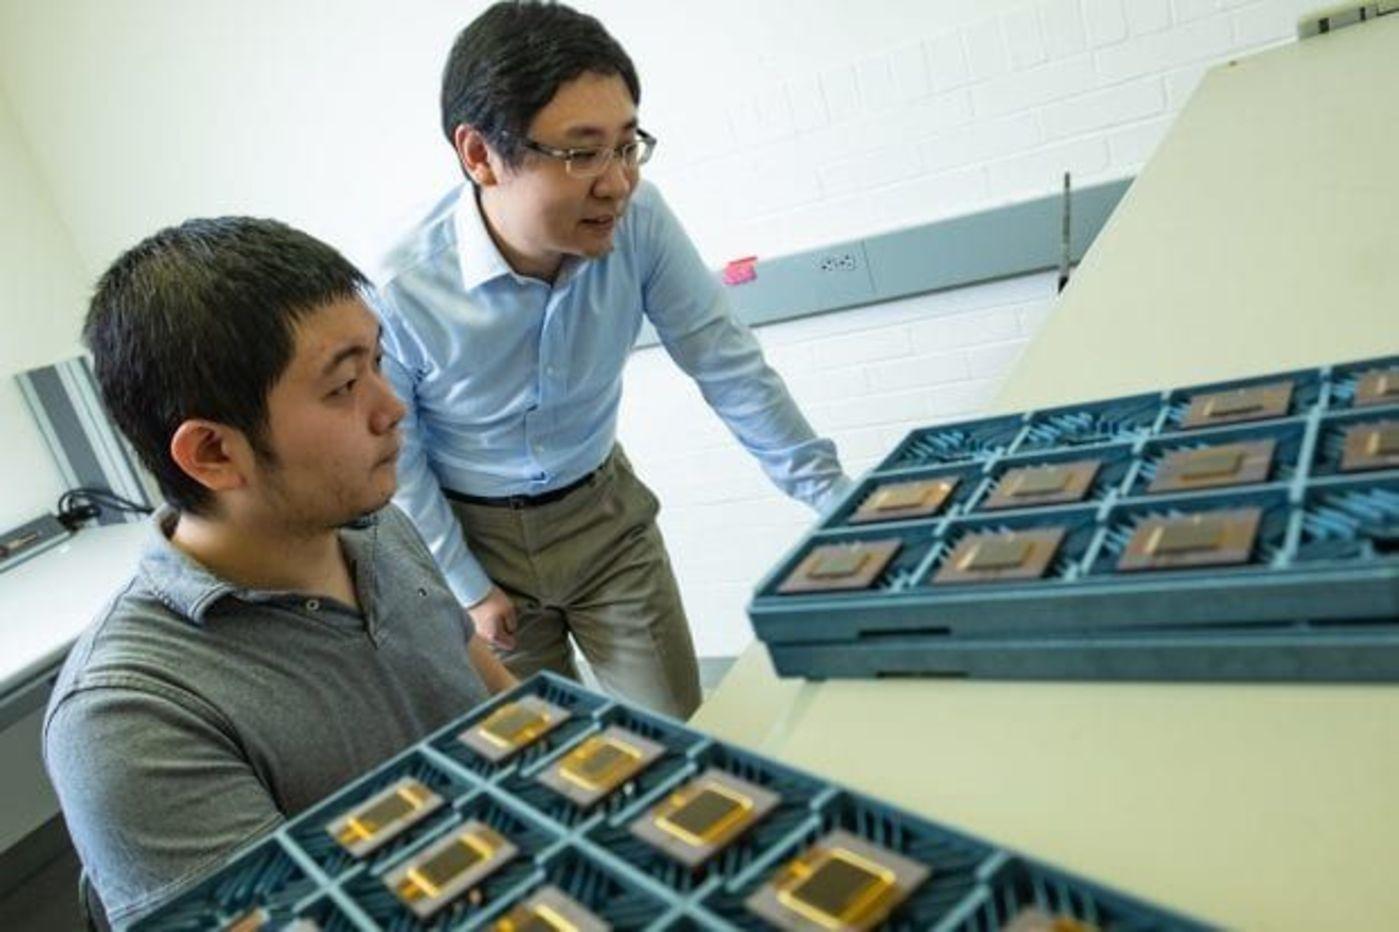 莱斯大学电子和计算机工程学院助理教授Kaiyuan Yang(右)与Dai Li(左)